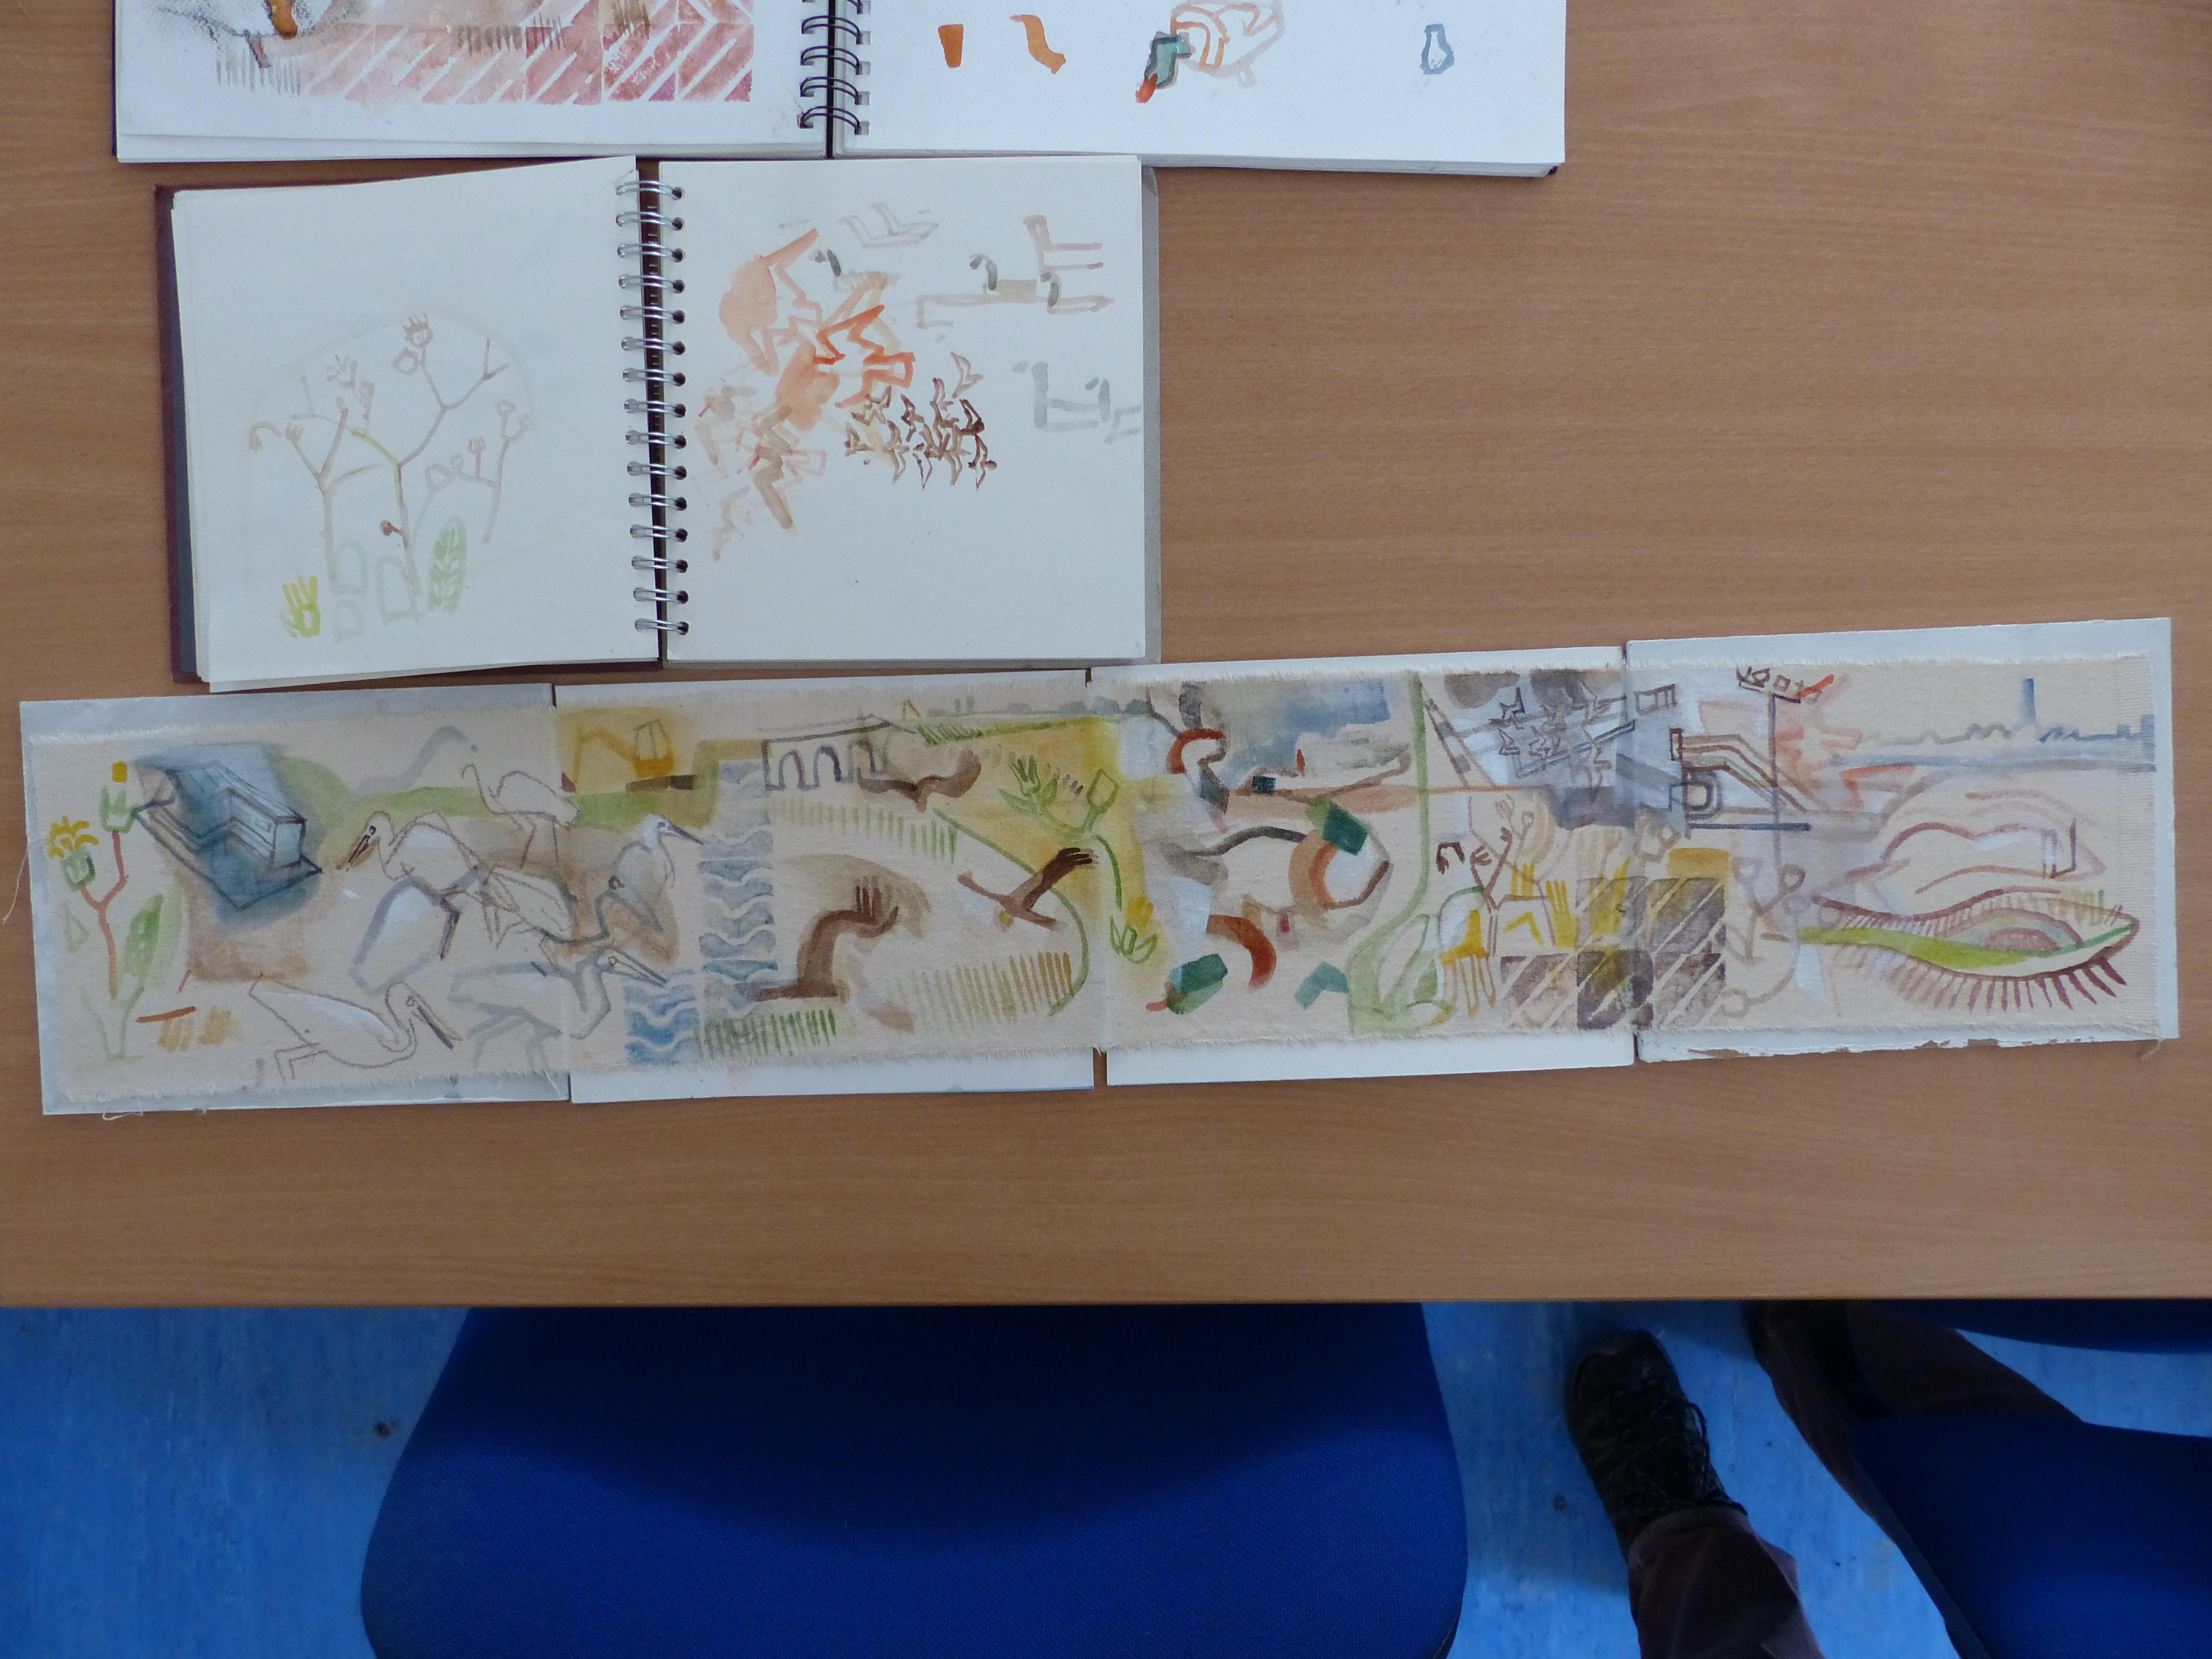 <p>John Foker's sketchbooks and concertina drawings</p>